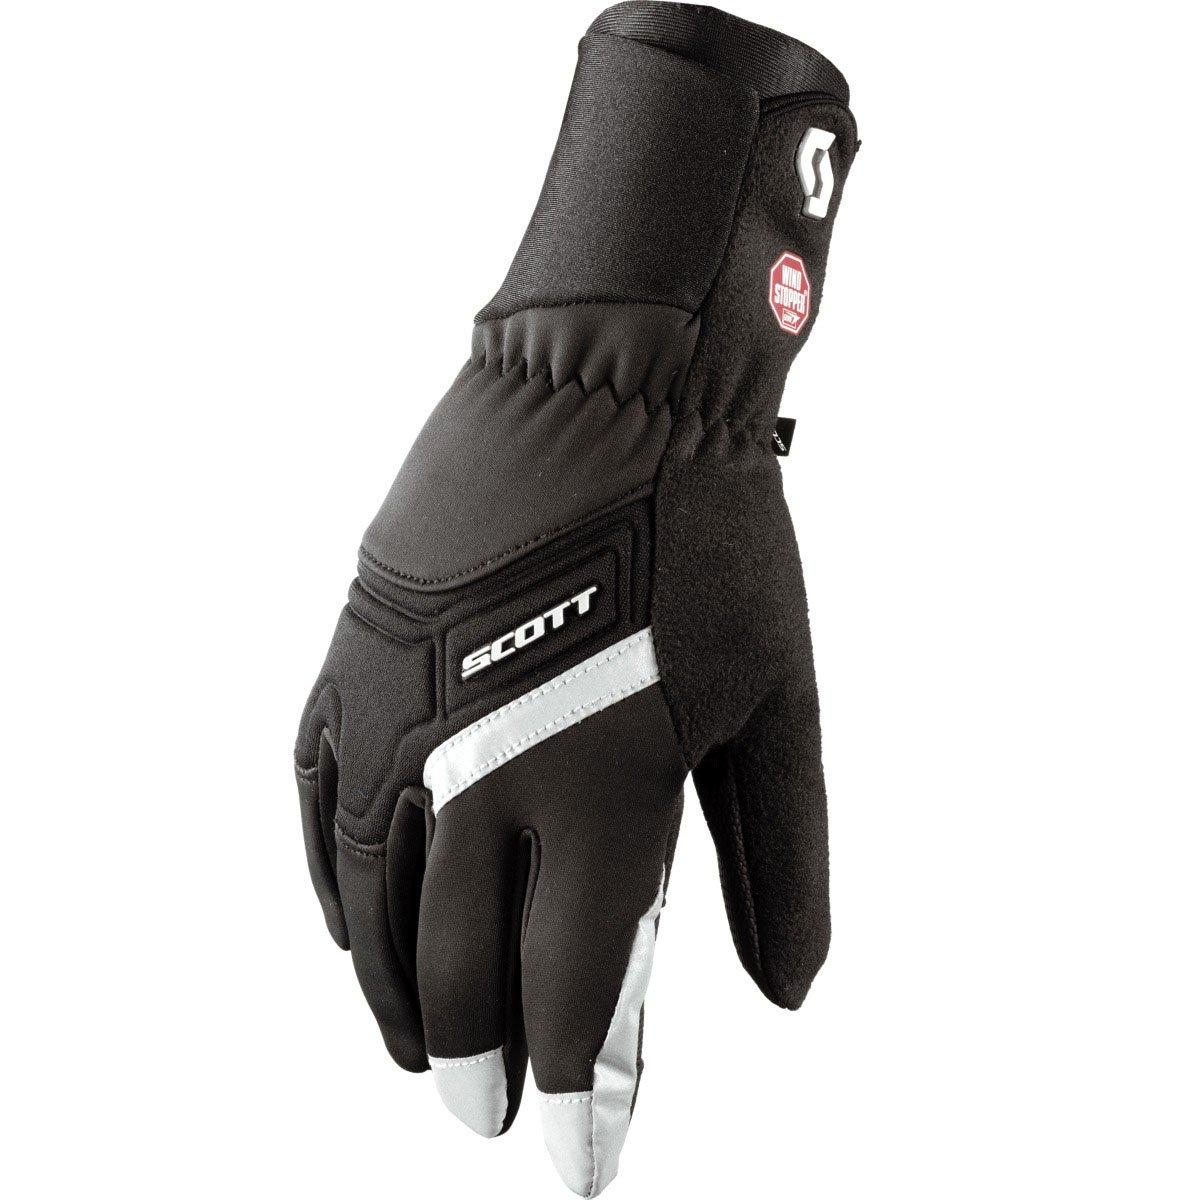 スコット2017冬Long Finger Gloves – 235564 B01M1HLIU3  ブラック Small